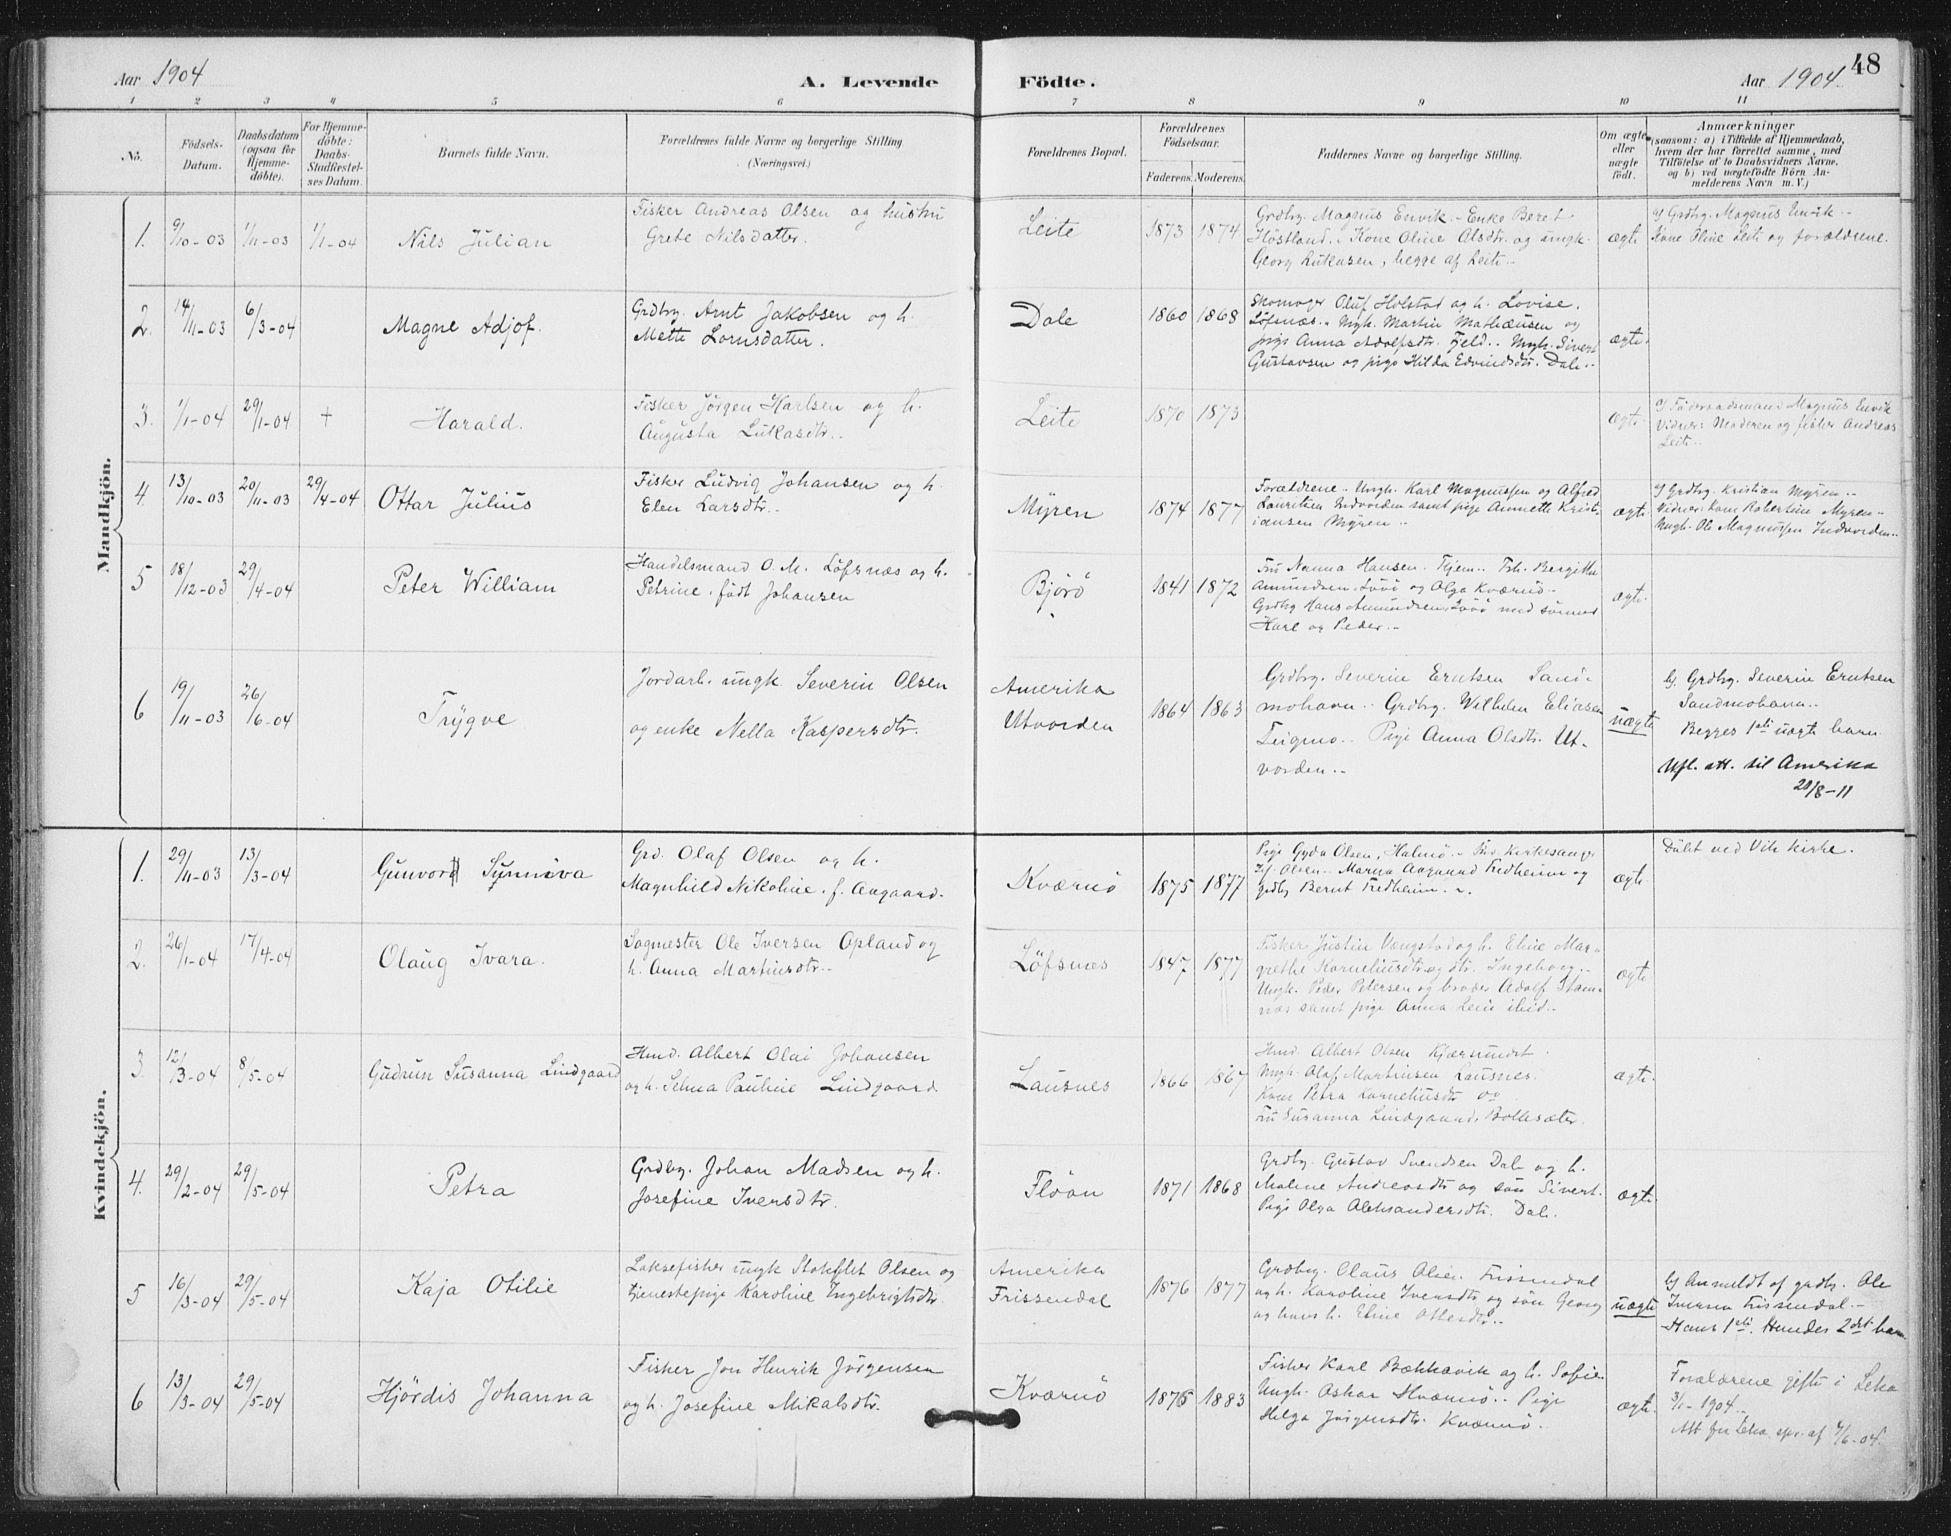 SAT, Ministerialprotokoller, klokkerbøker og fødselsregistre - Nord-Trøndelag, 772/L0603: Ministerialbok nr. 772A01, 1885-1912, s. 48